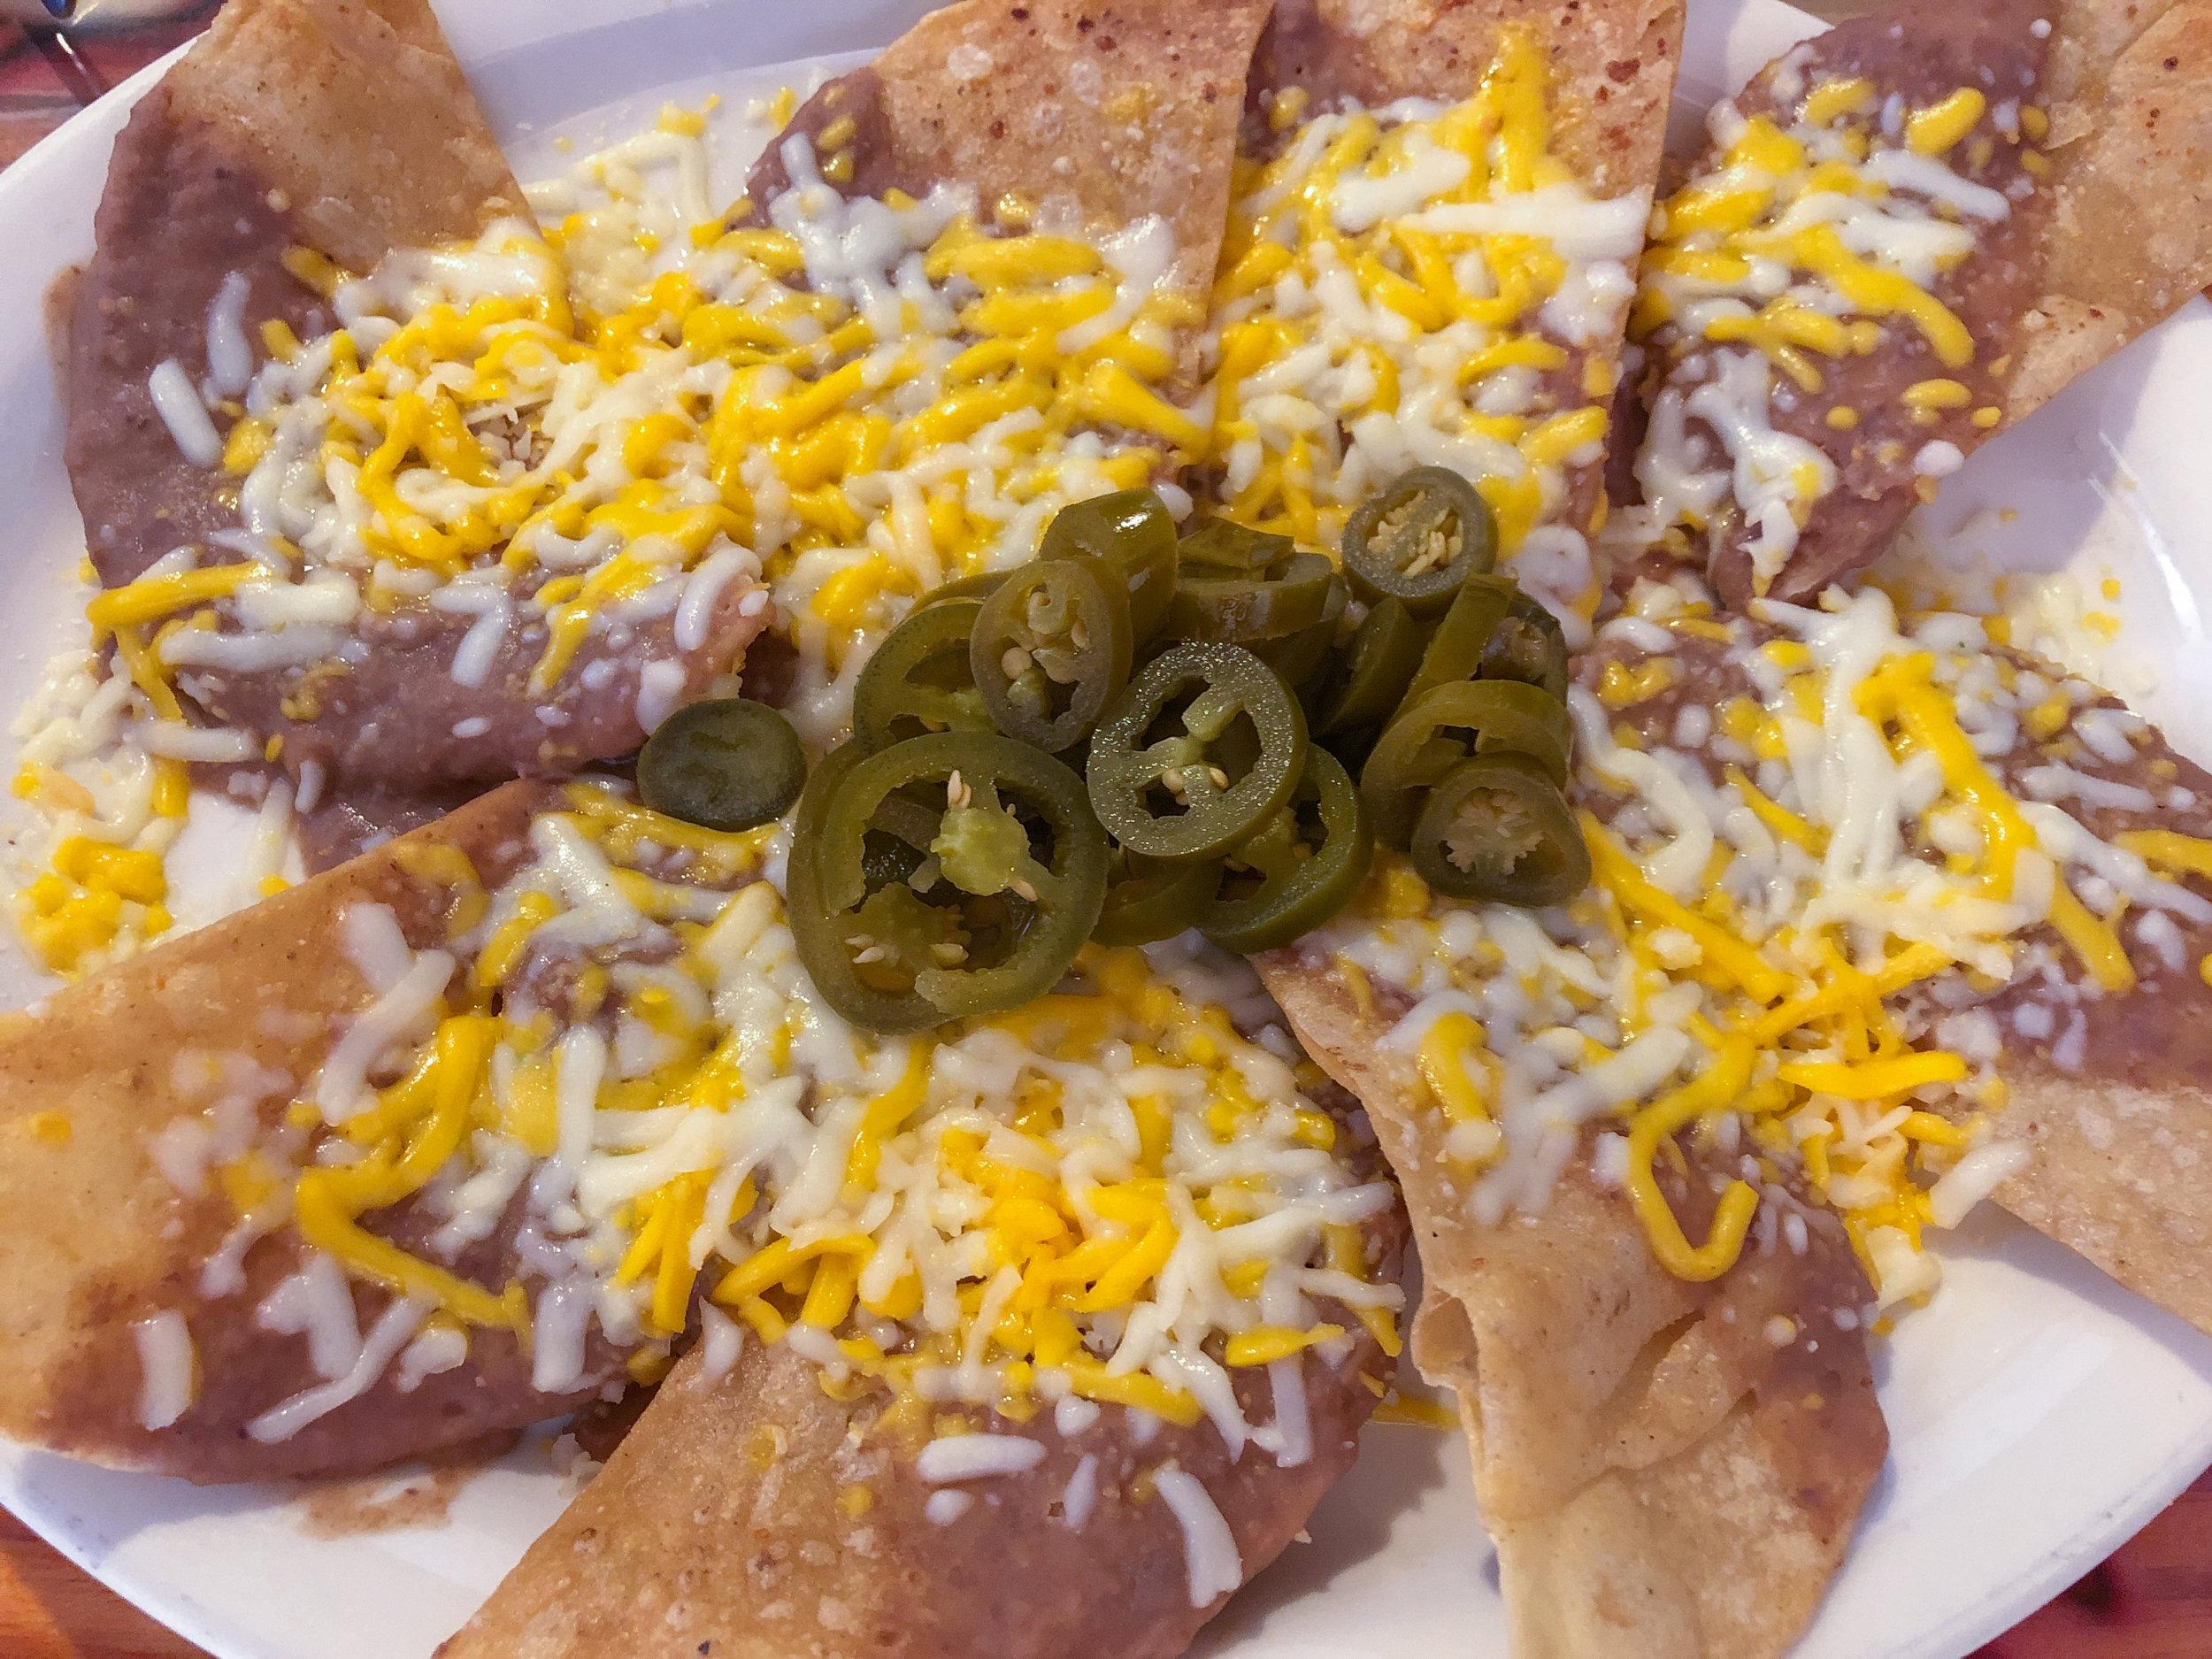 The bean and cheese nacho appetizer from El Secreto de La Abuela